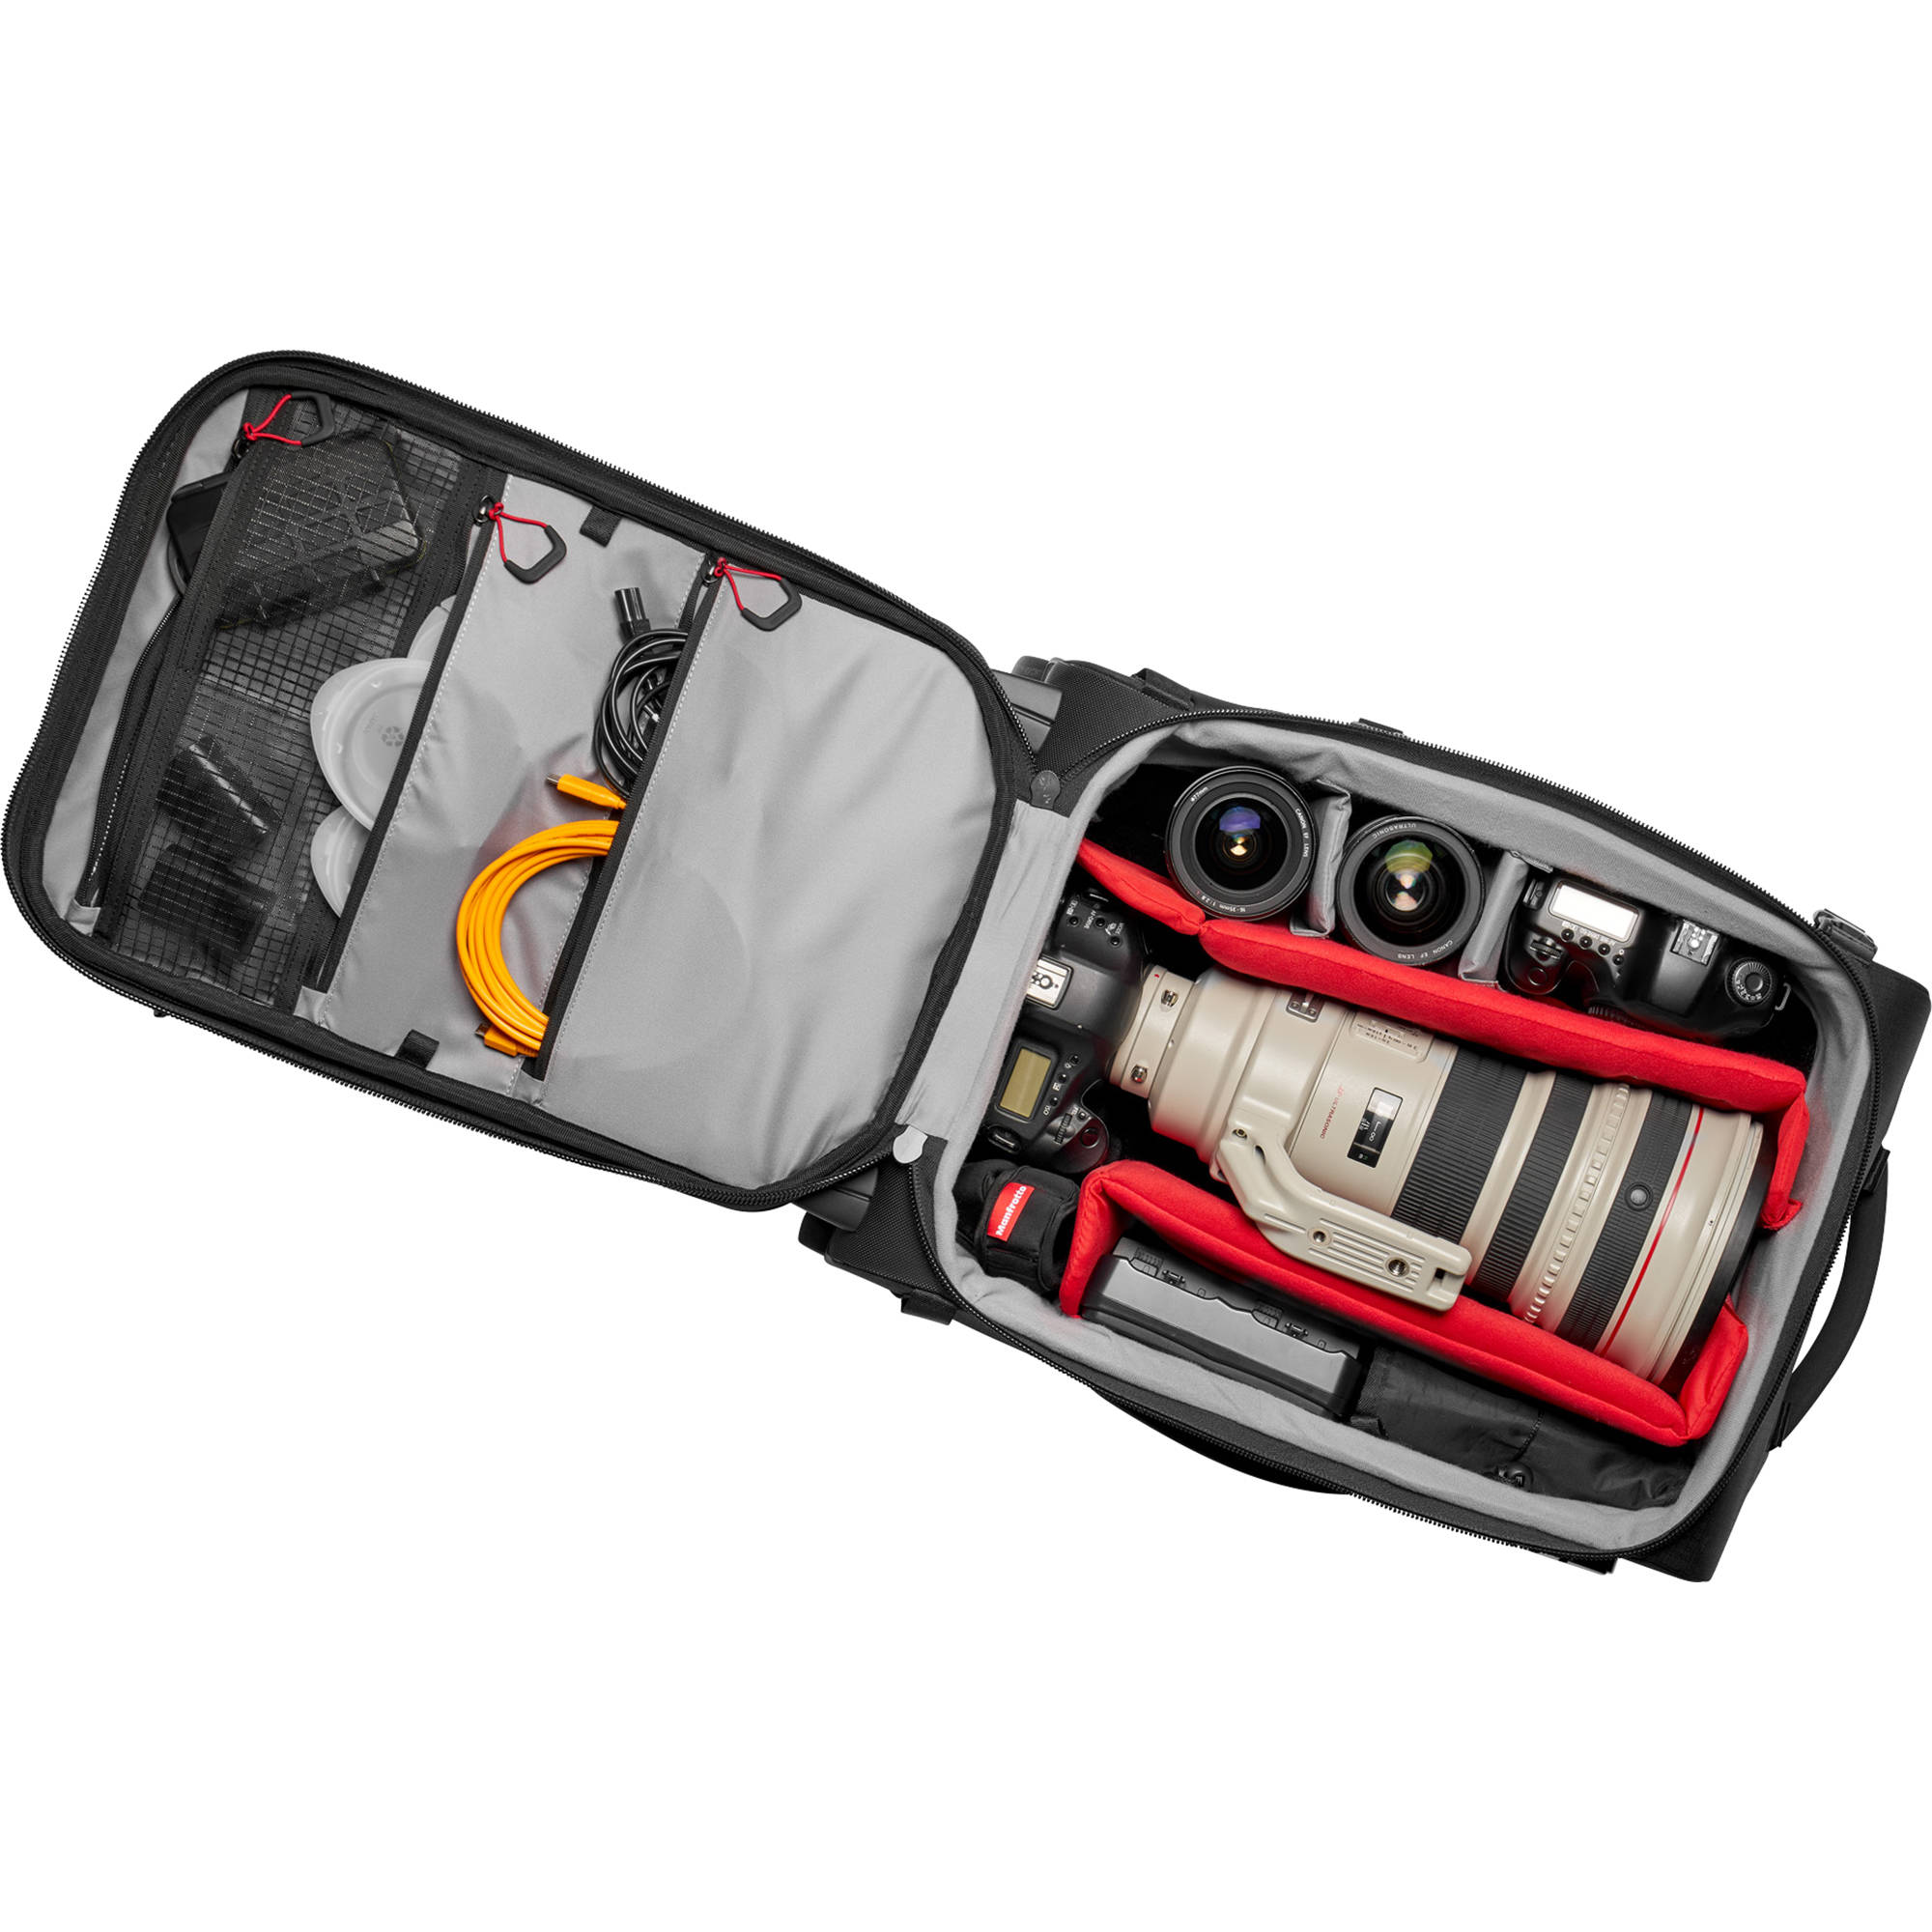 Manfrotto Pro Light Reloader Switch-55 Backpack/Roller (Black)